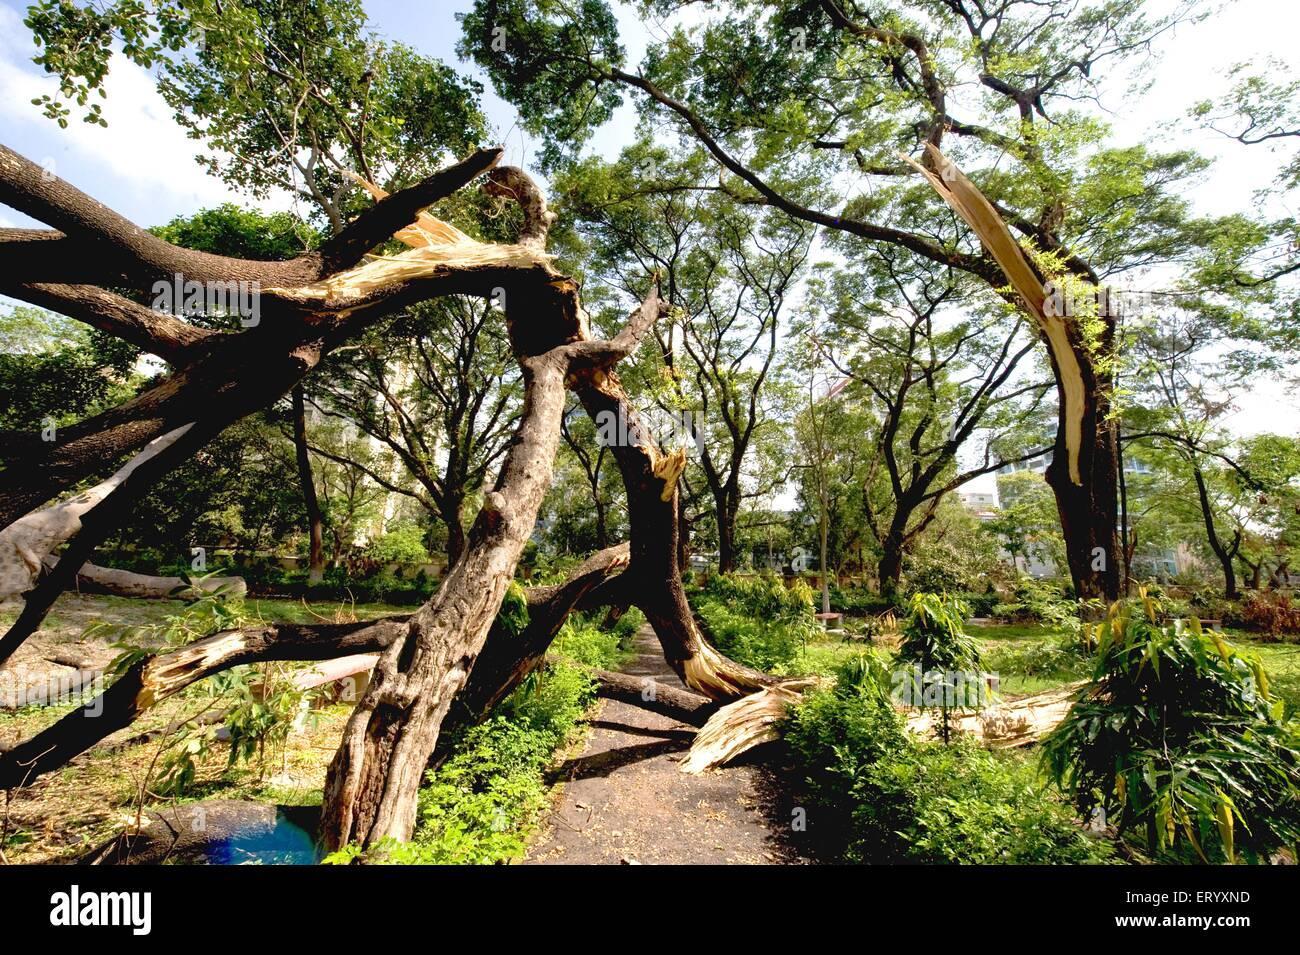 Hurrikan auf Bäumen am Ballygunge geschlagen; Kalkutta Calcutta; Westbengalen; Indien Stockbild